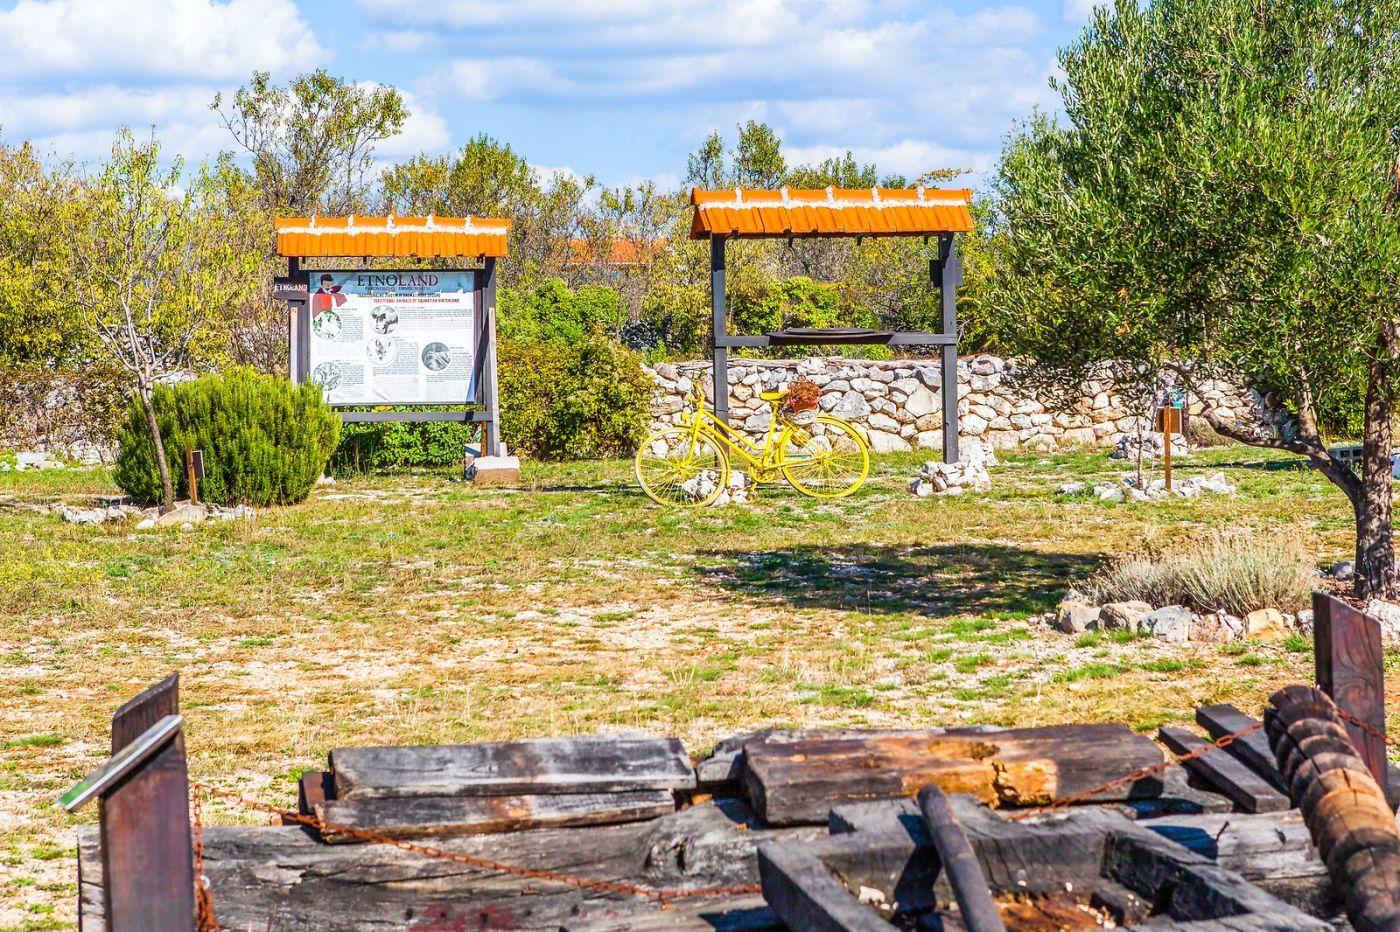 克罗地亚达尔马提亚村,独特的地域风貌_图1-34